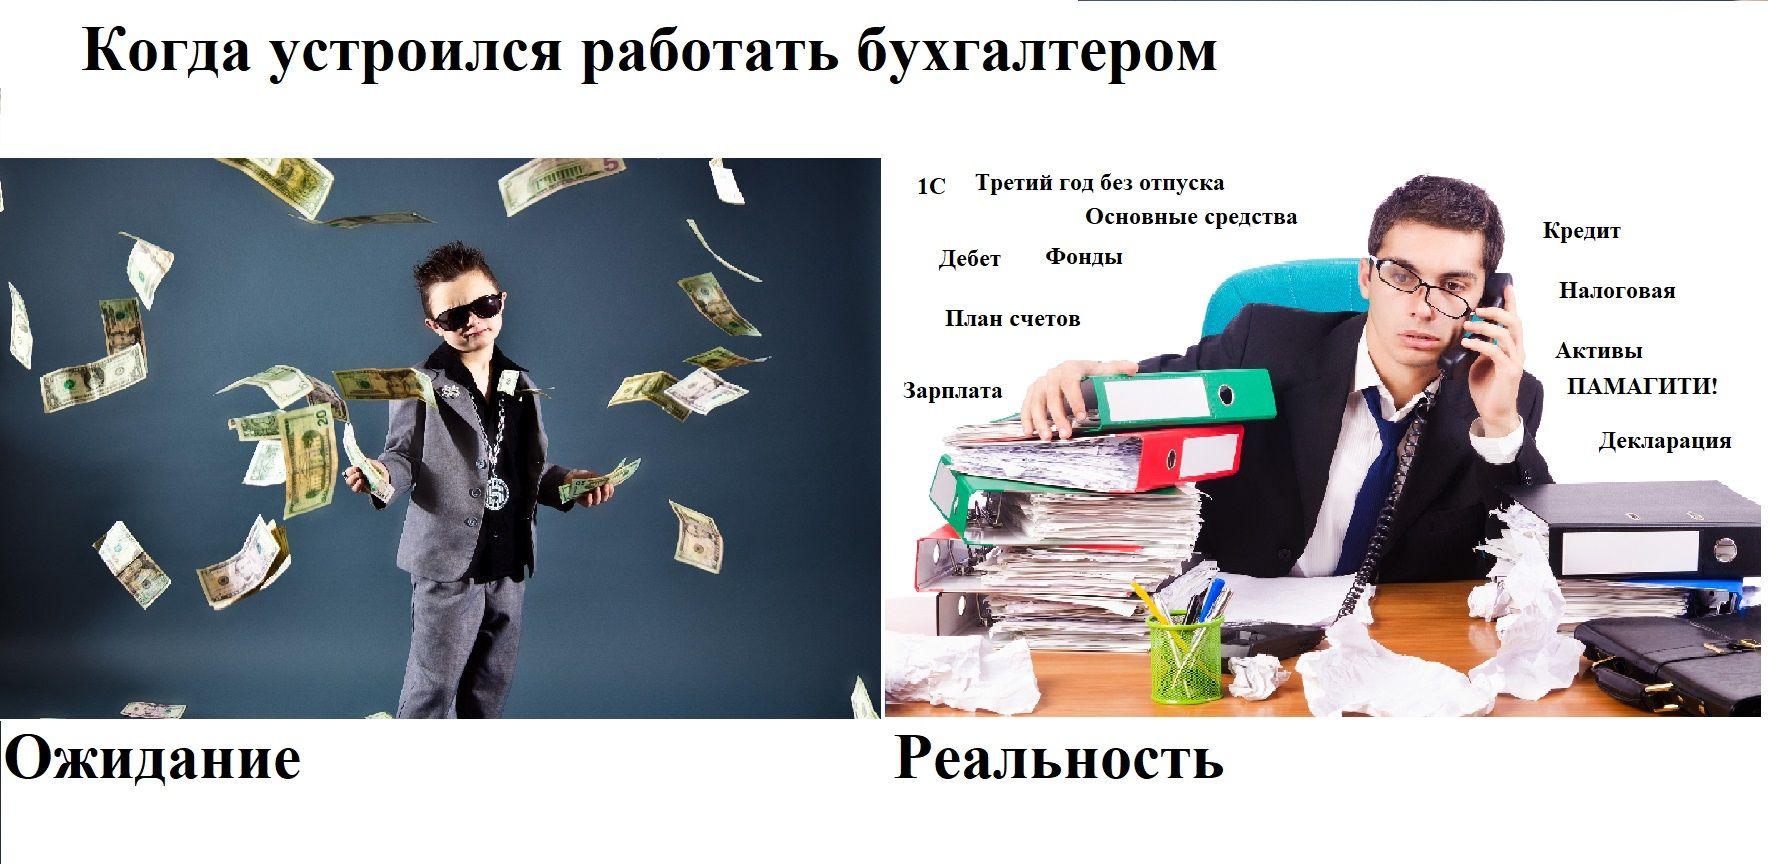 смешные картинки про бухгалтеров и бухгалтерию есть искусство